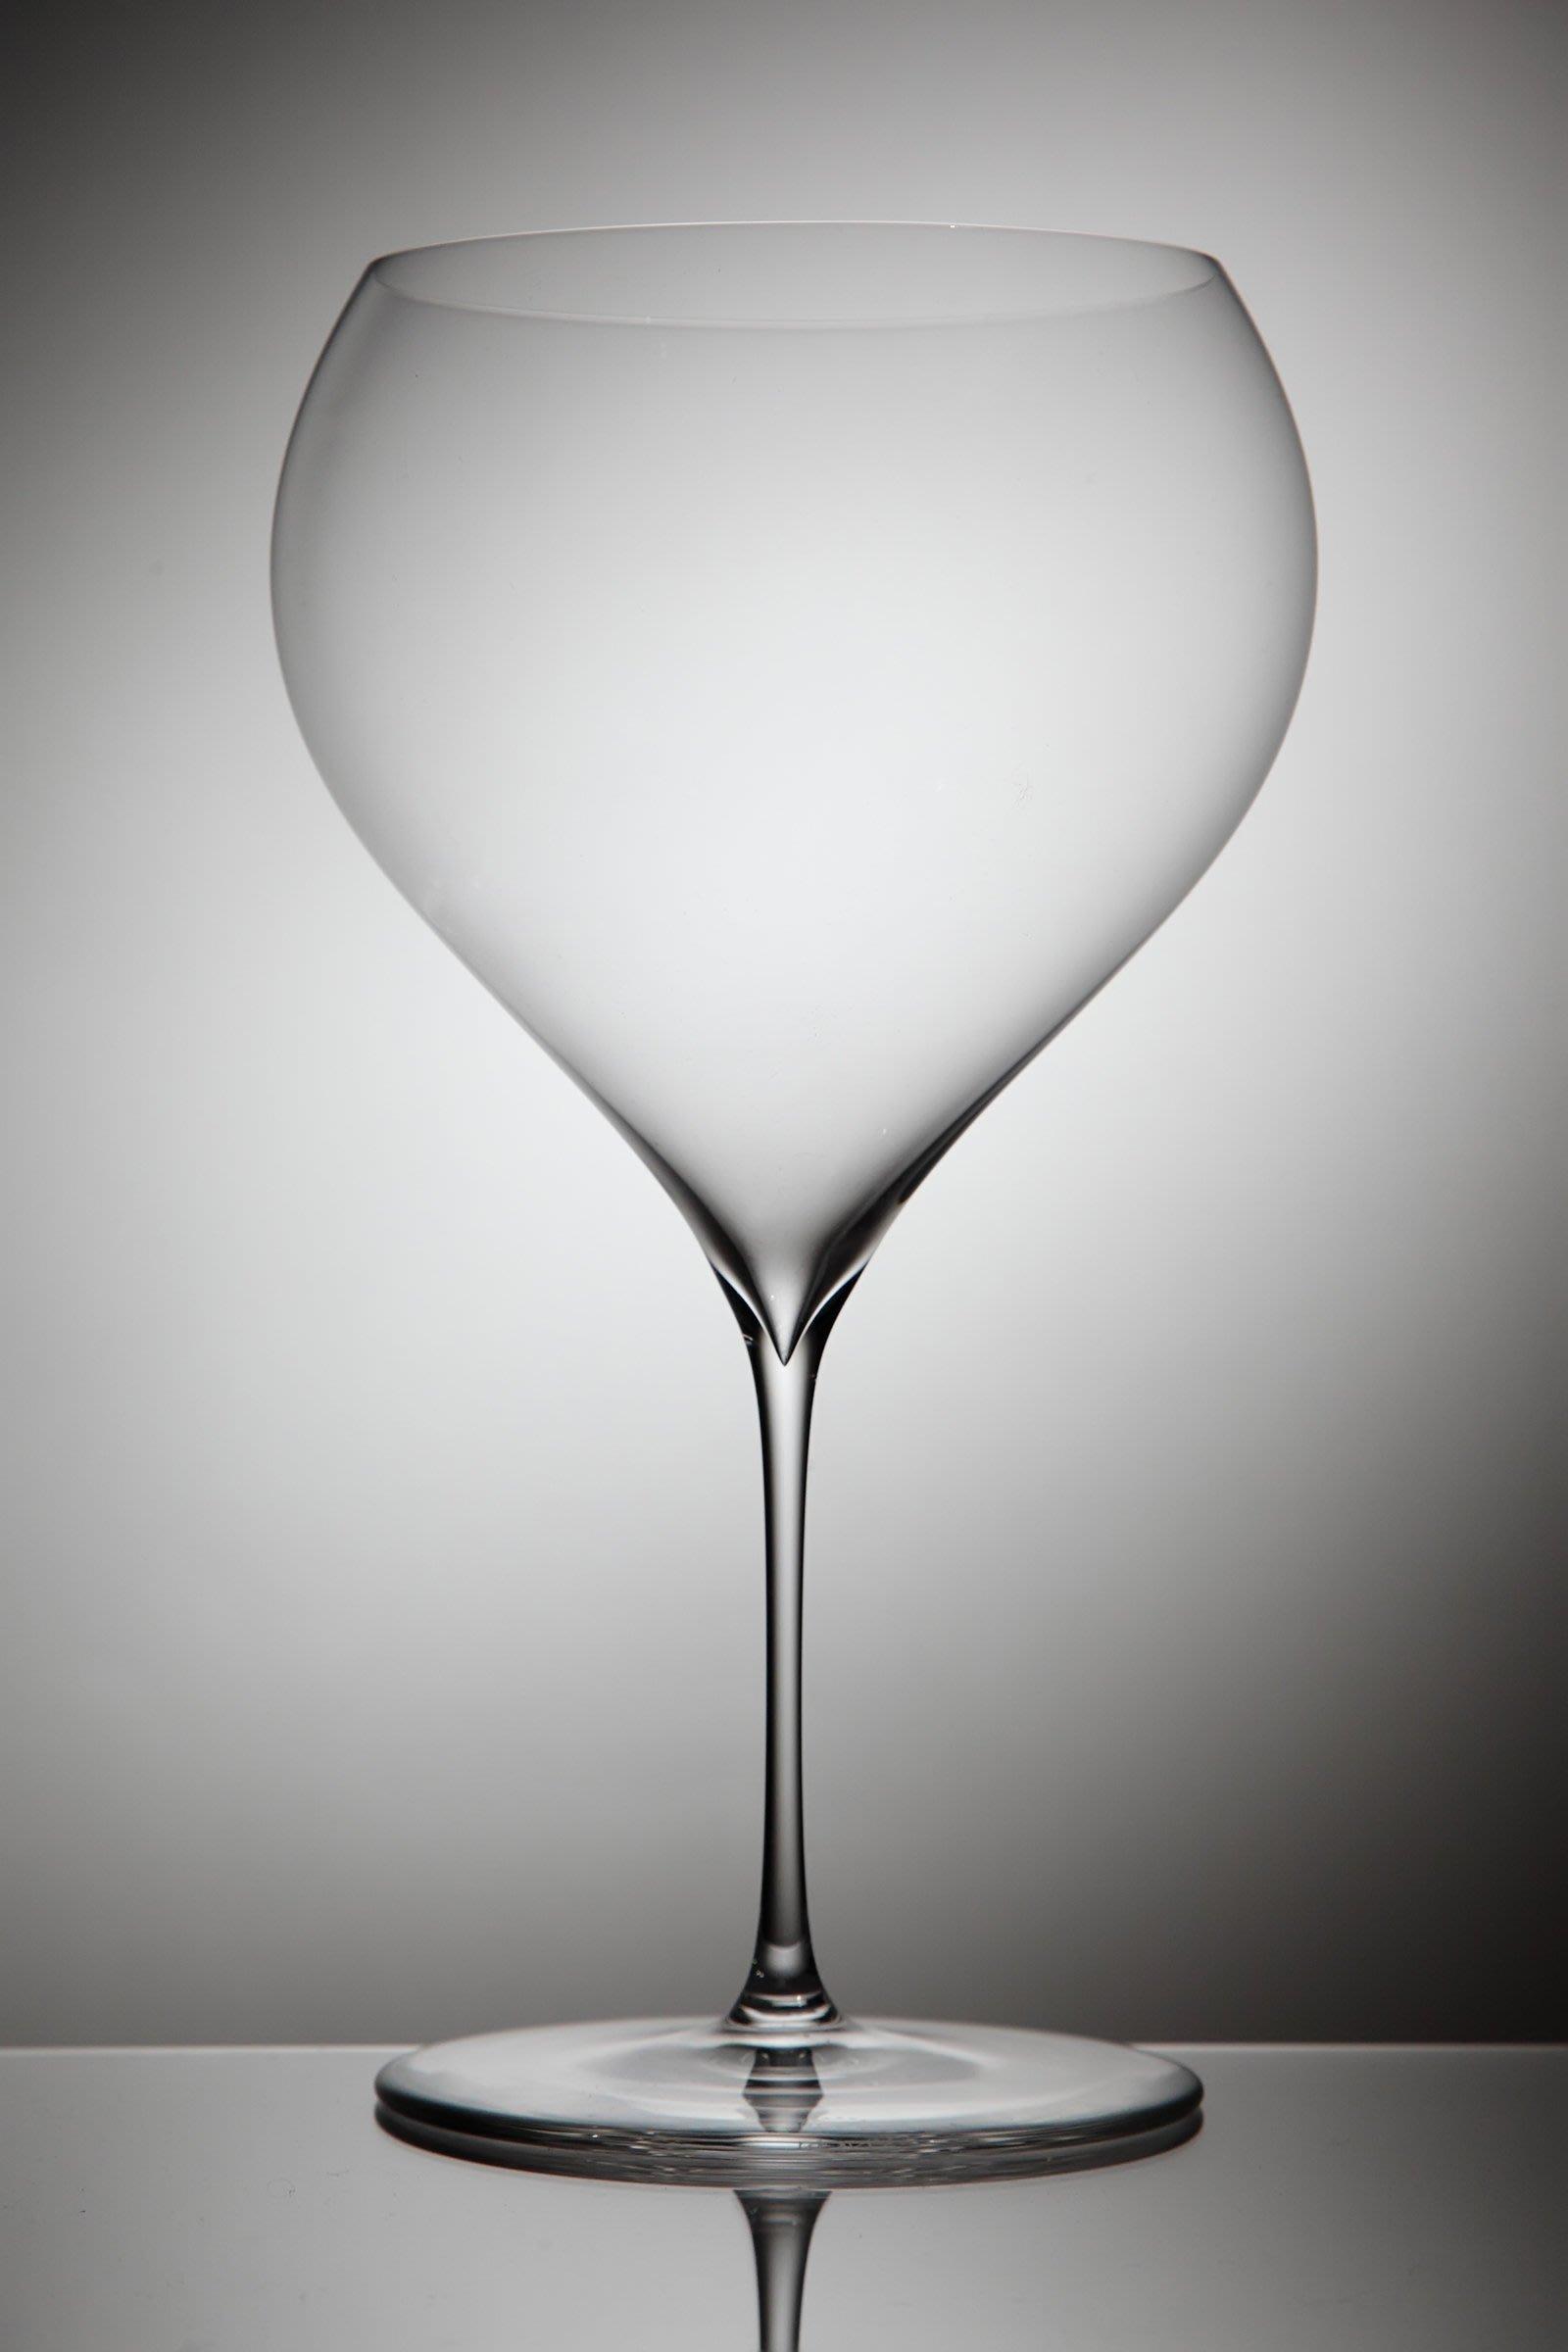 ☆波西米亞人☆斯洛伐克RONA 手工酒杯 Sensual 頂級專業杯系列 柏根第杯890ml